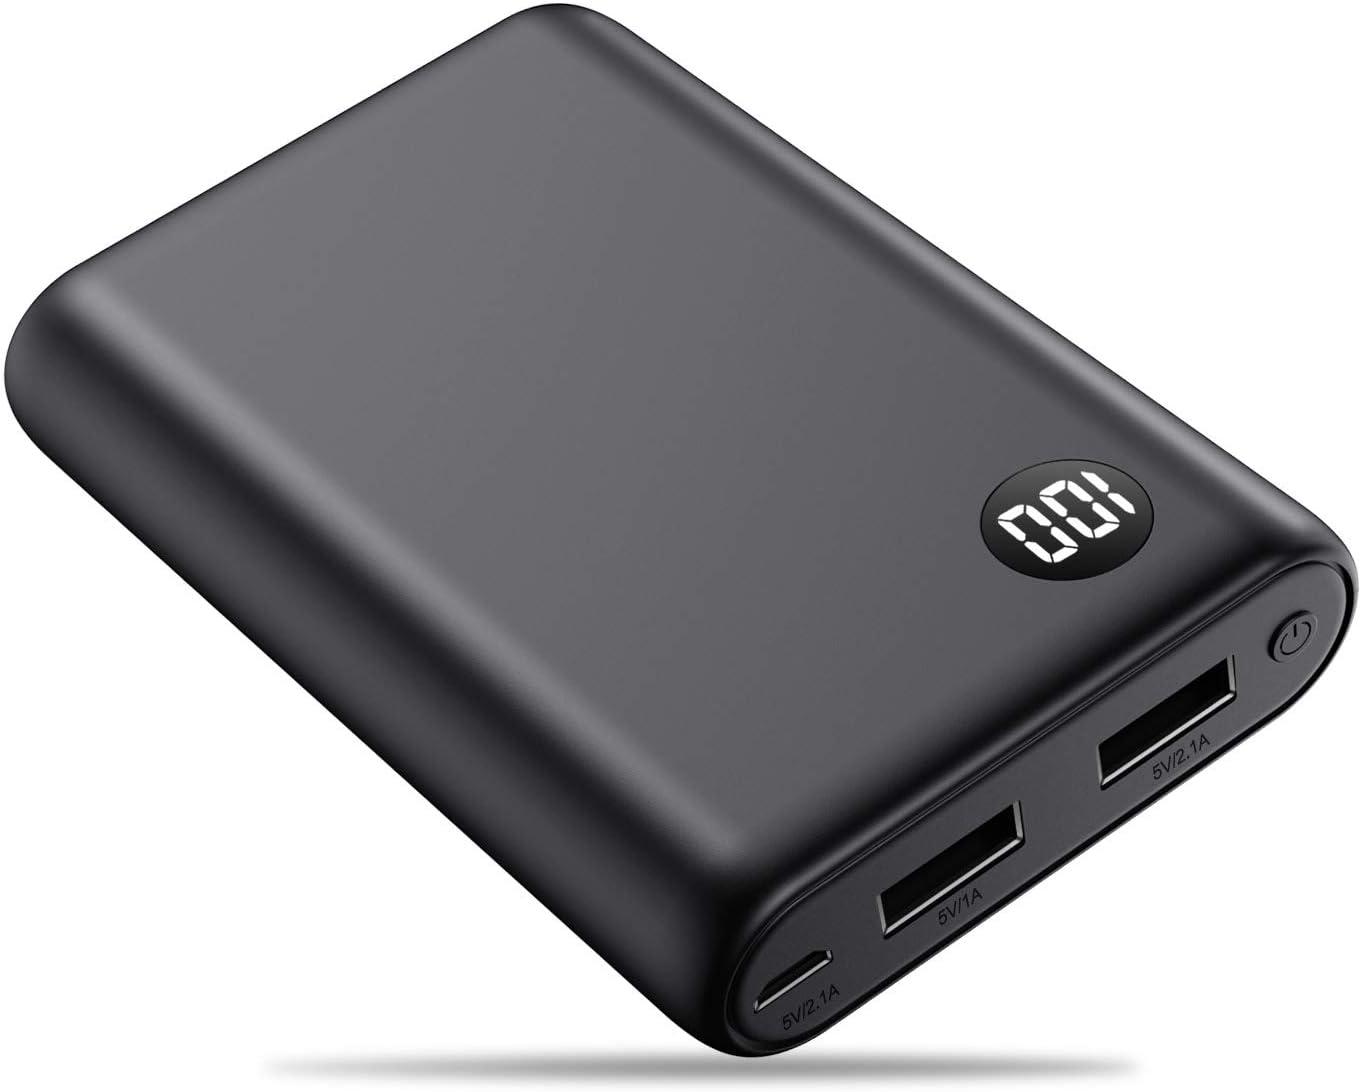 kilponen Power Bank 13800mAh Batería Externa Cargador Móvil Portátil Ultra Compacto 2 Salidas USB con Ultra Alta Capacidad para Huawei,Xiaomi Smartphones/Tablets Android y Más